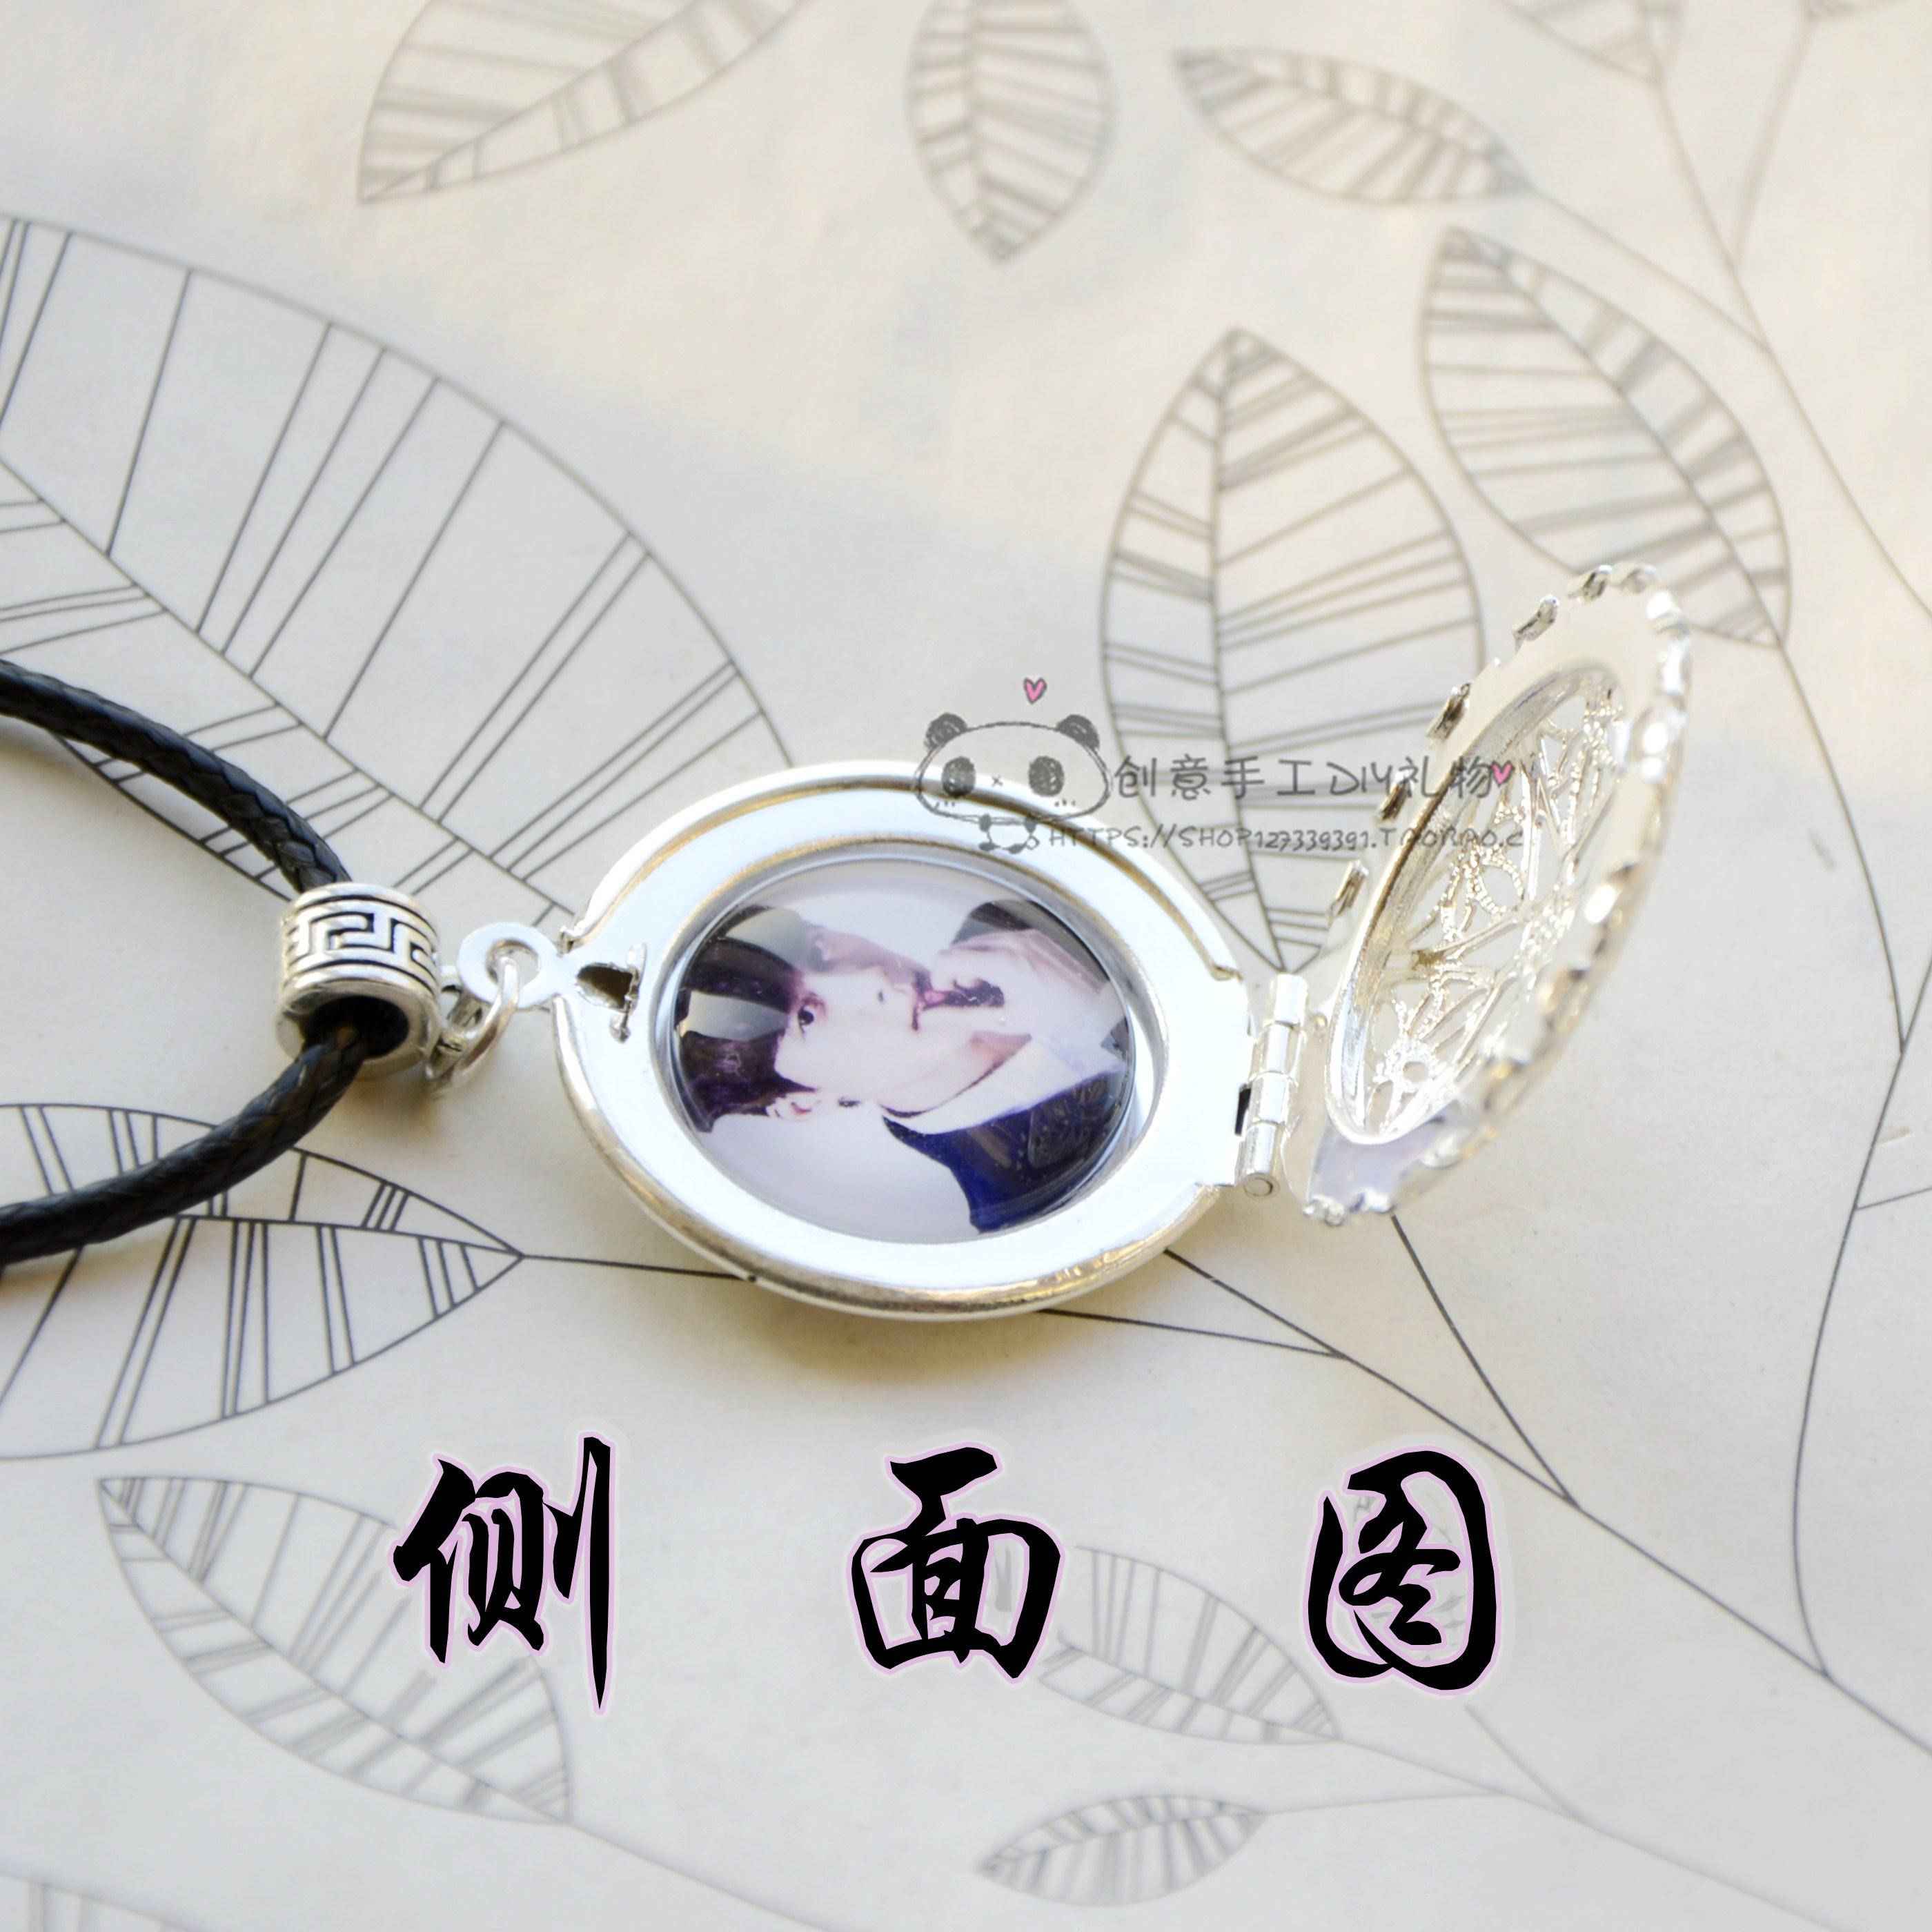 การปรับแต่งกล่องใส่จี้ย้อนยุคลายฉลุรูปคู่รักของขวัญวันเกิดแฟนผู้หญิงจบ DIY สร้อยคอ